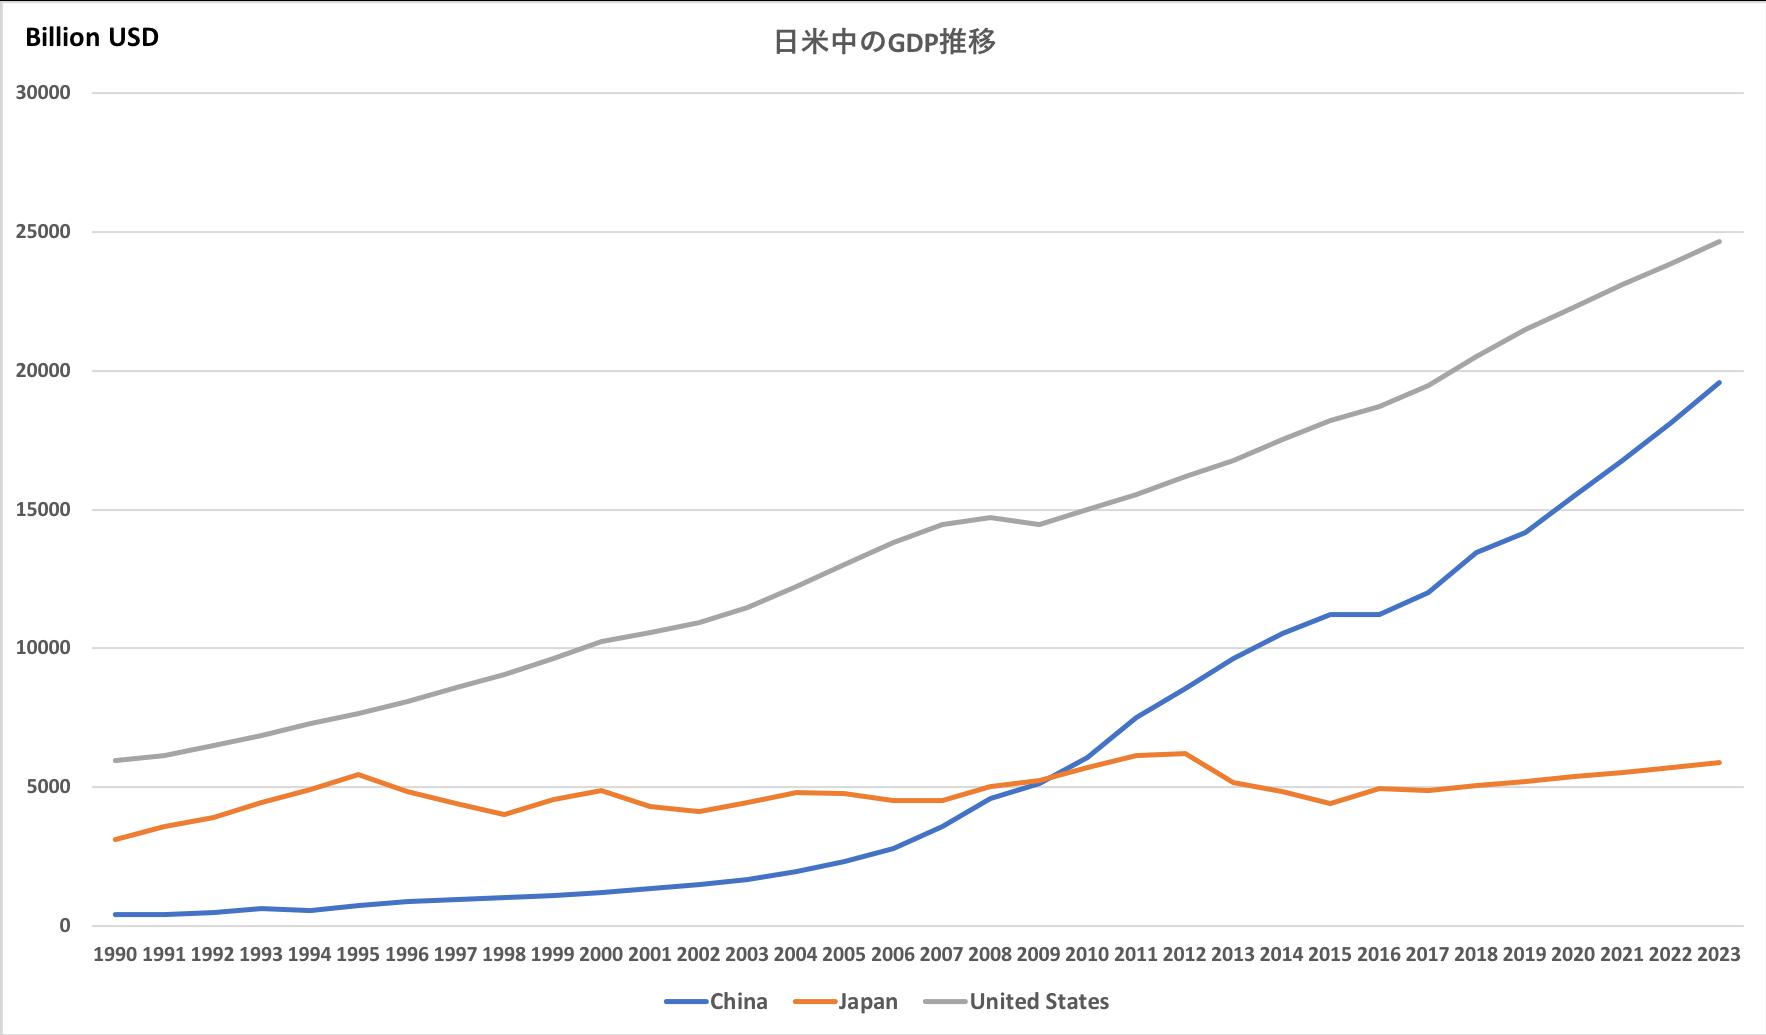 日米中のGDP推移